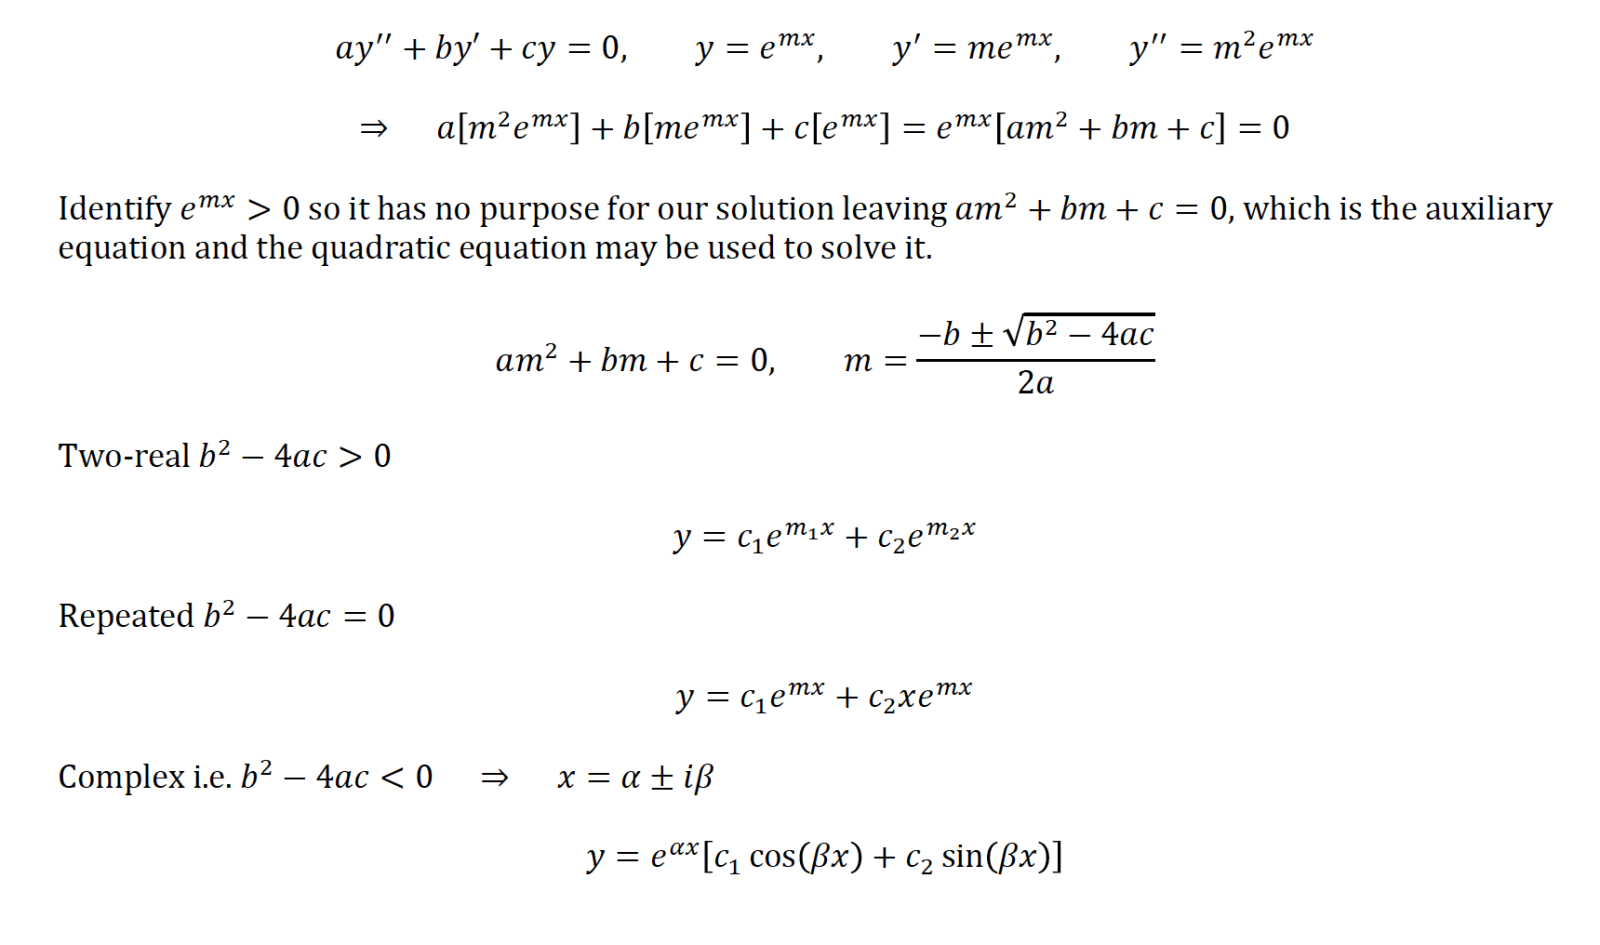 Ομογενής Διαφορική Εξίσωση